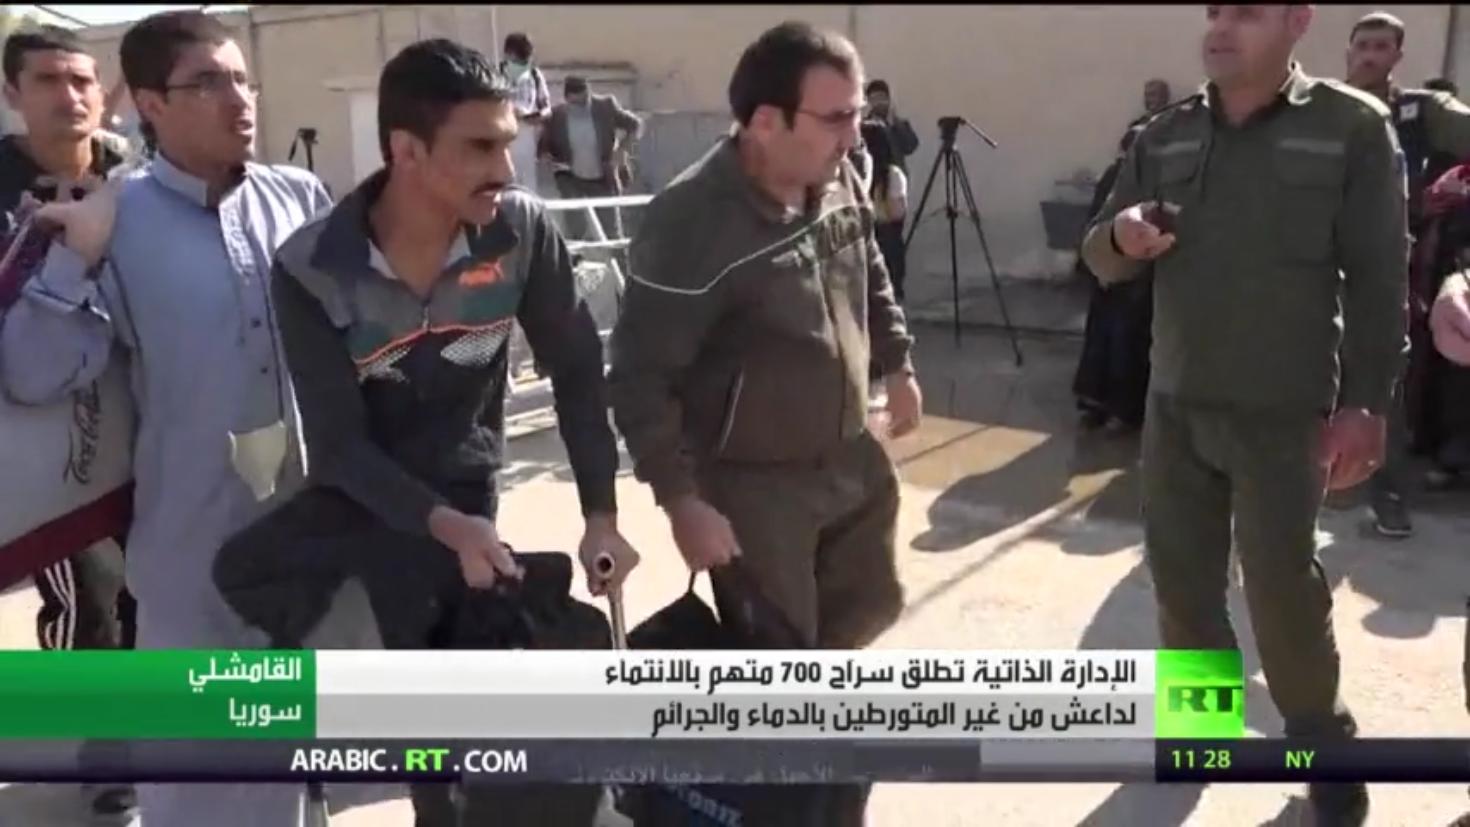 إطلاق سراح 700 متهم بالانتماء لداعش